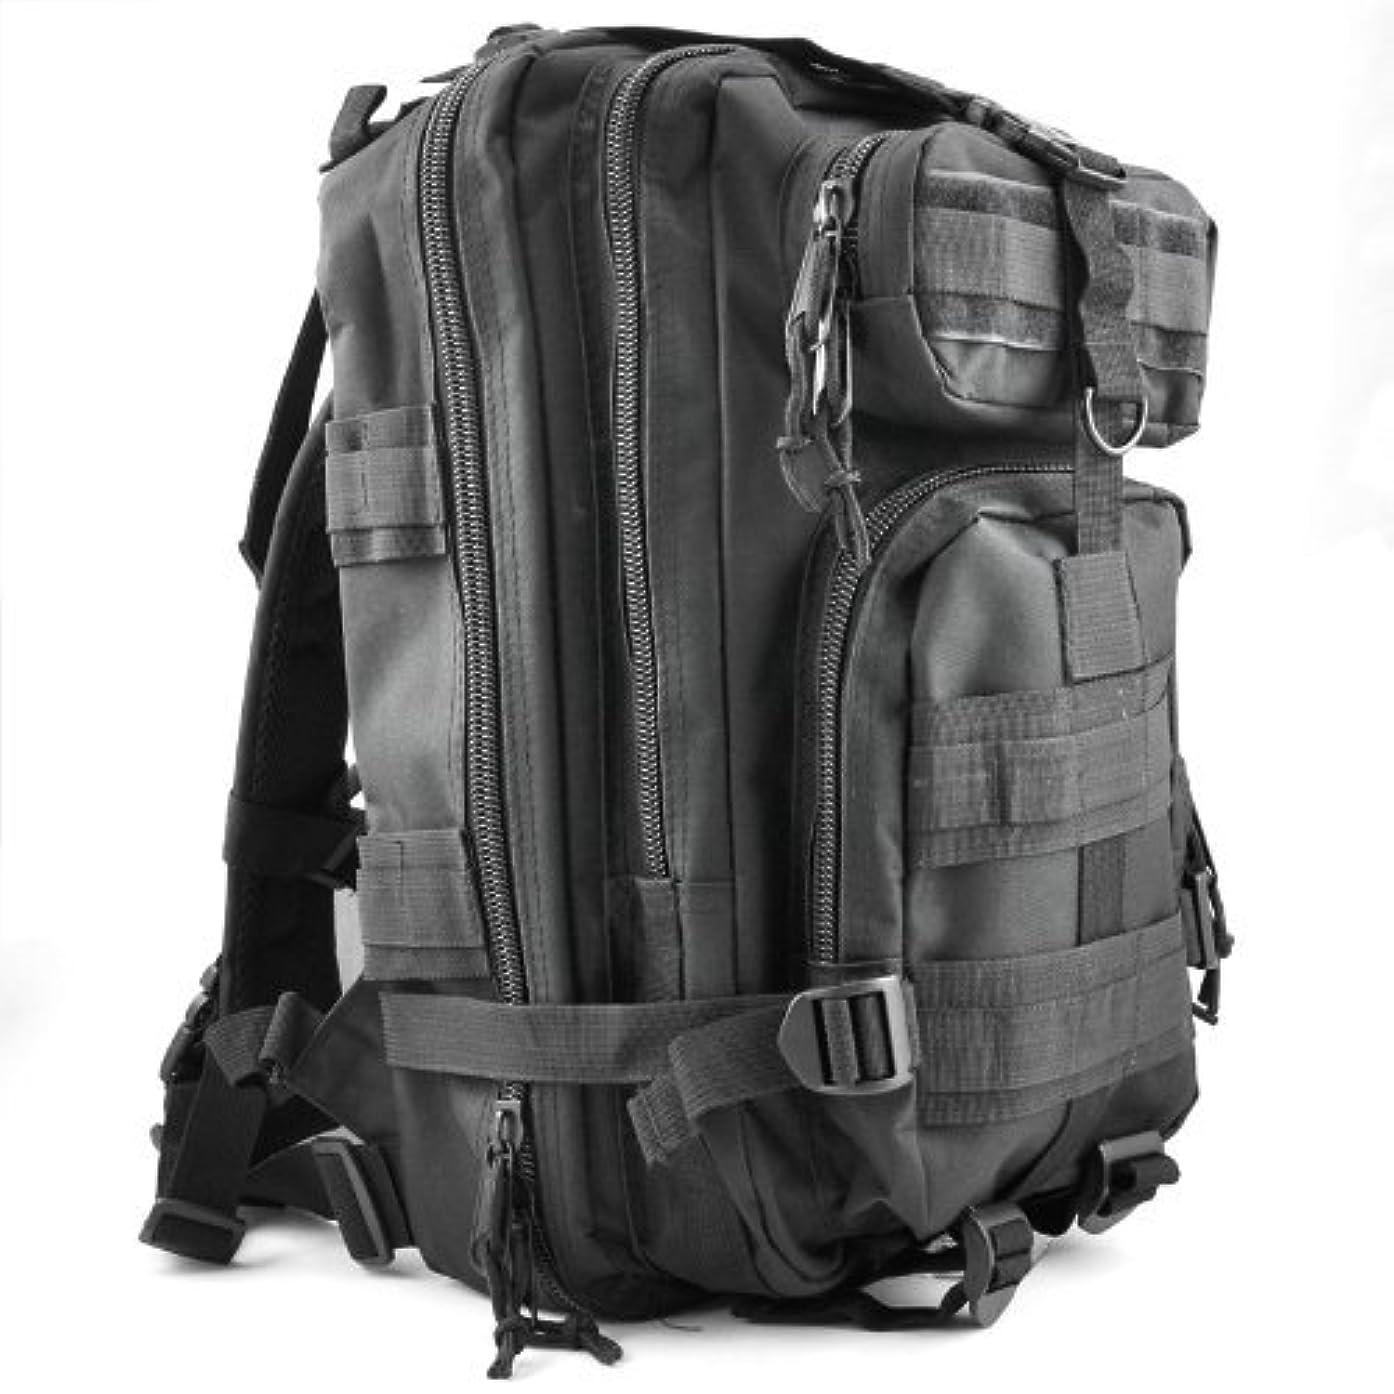 ストレスしばしばドアリュック,SODIAL(R)30L 戦術アウトドア軍事リュック サック バックパックハイキングトレッキングバッグキャンプ - 黒